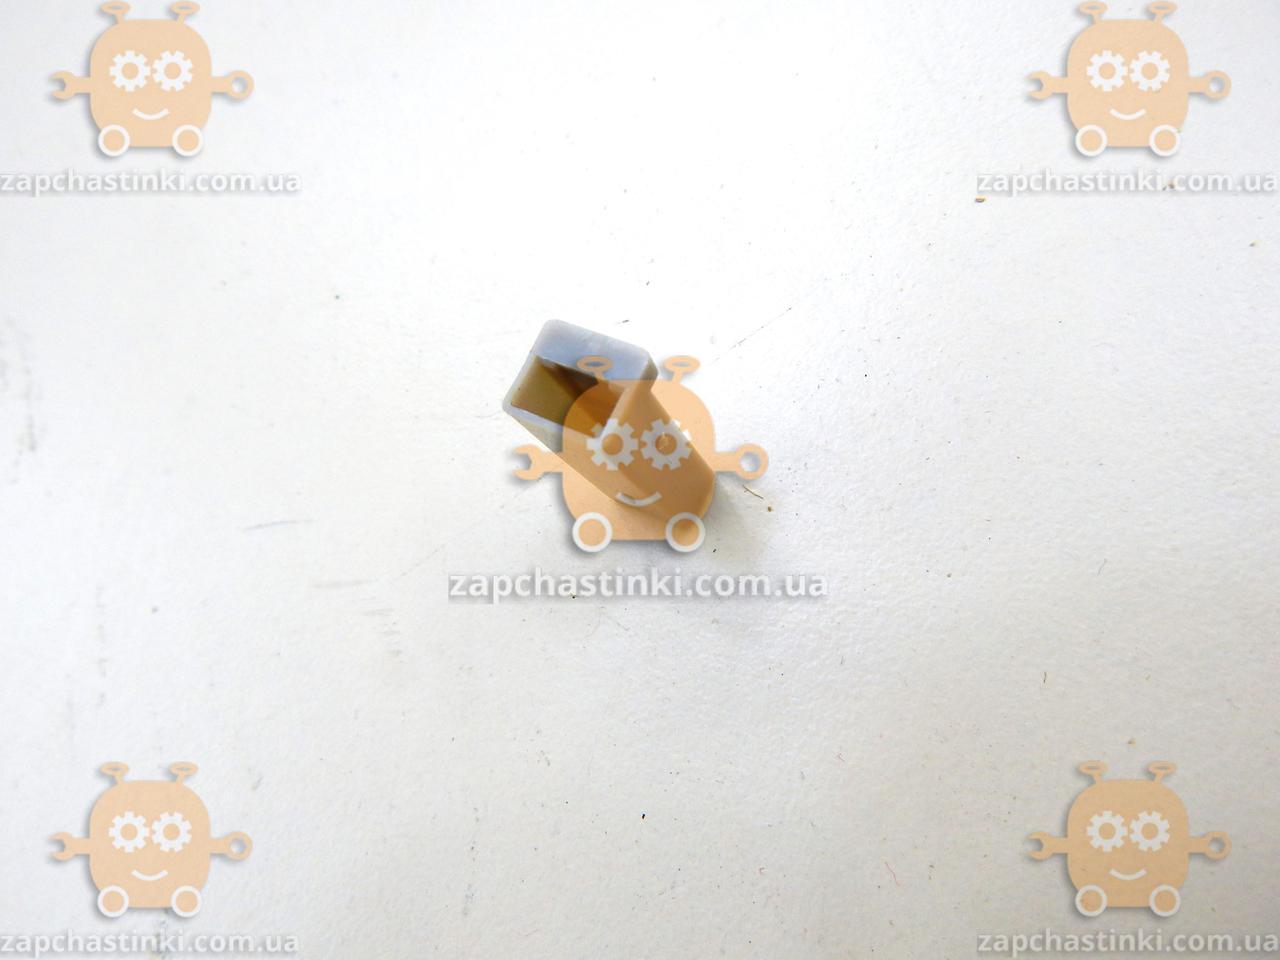 Разъем провода мама 1 контактный (пр-во Россия) З 892983